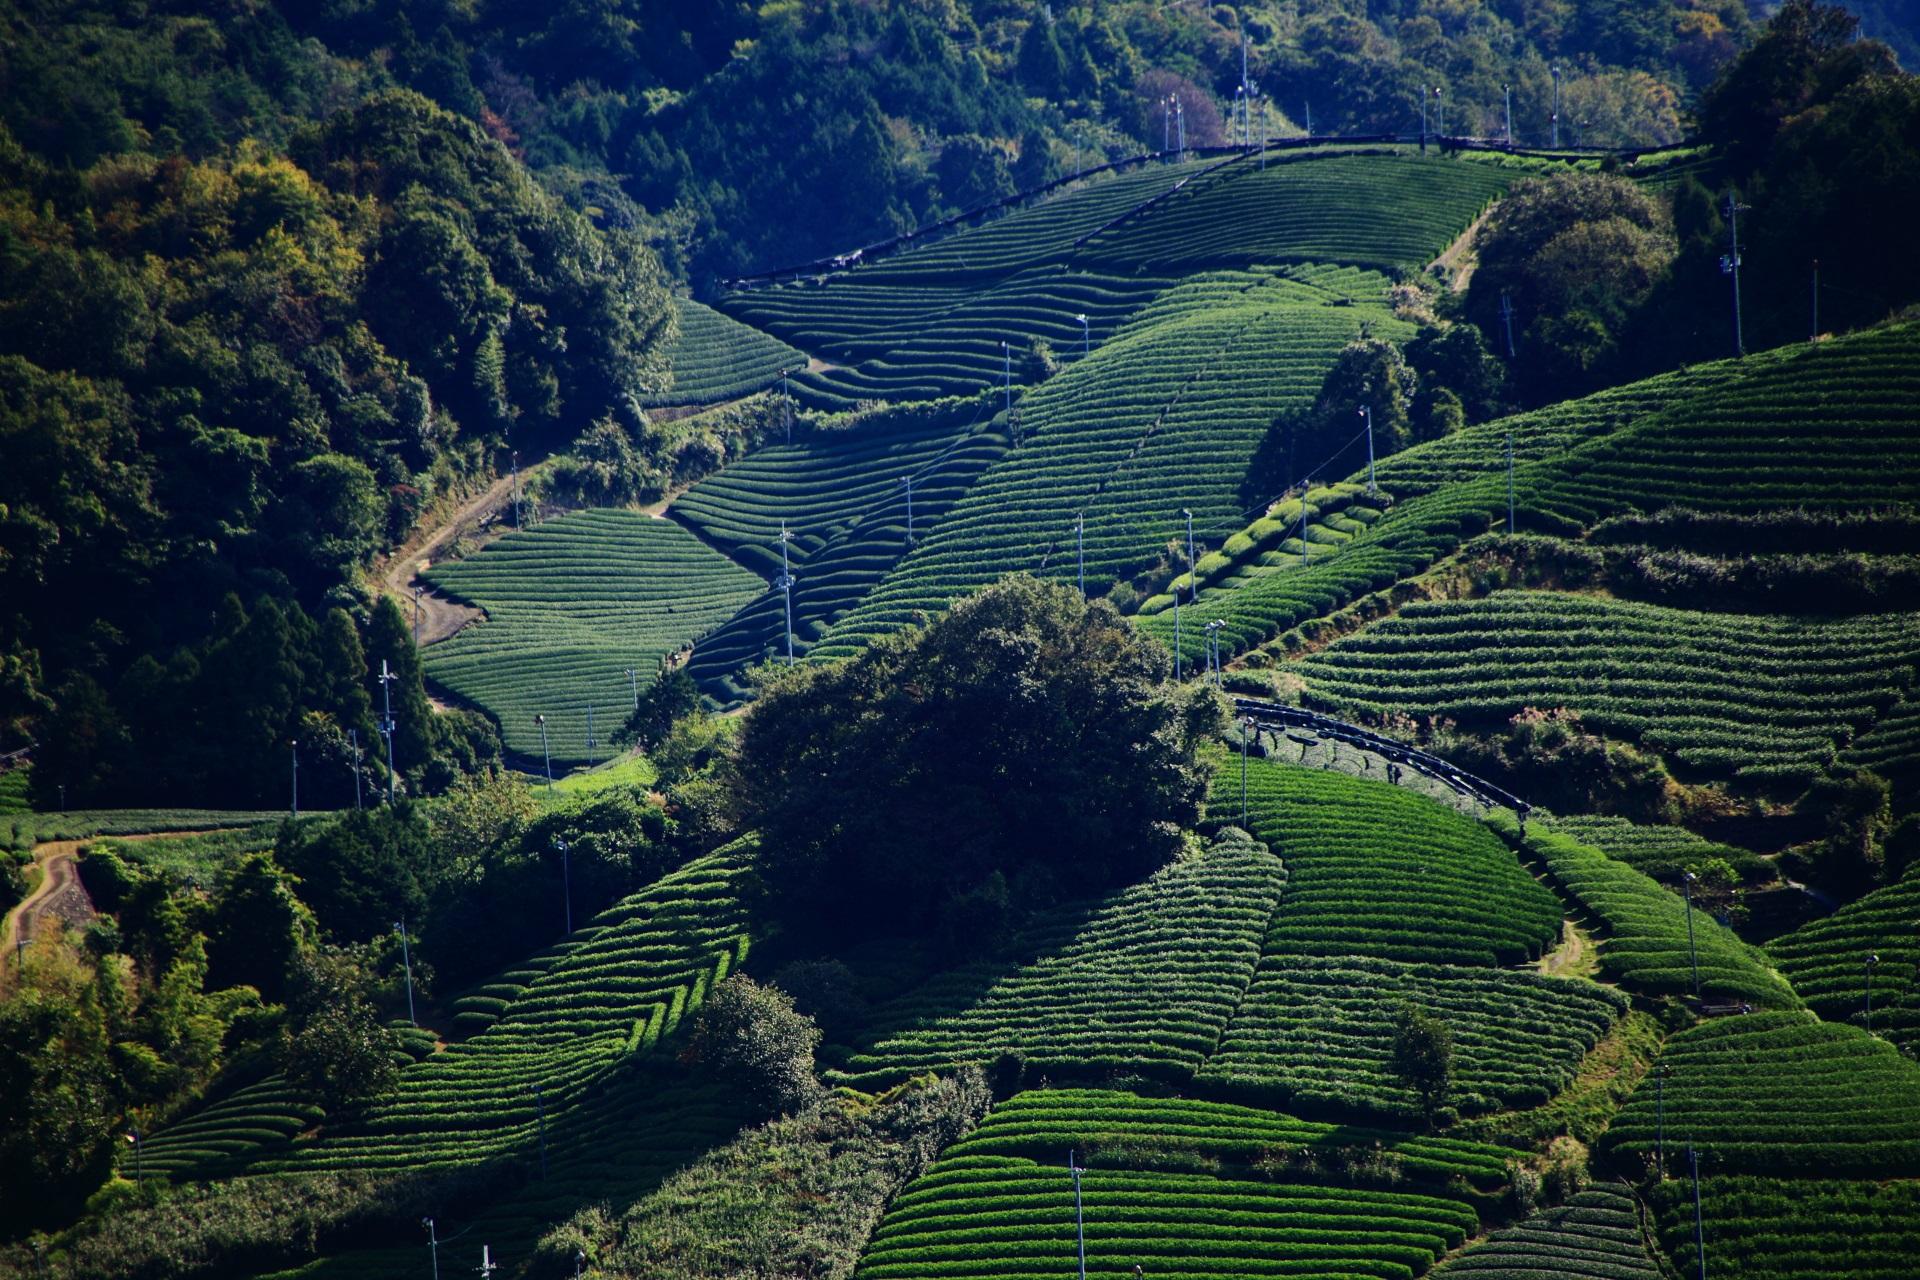 鮮やかな緑色から深い緑色まで色んな緑色で賑わう和束町の茶畑